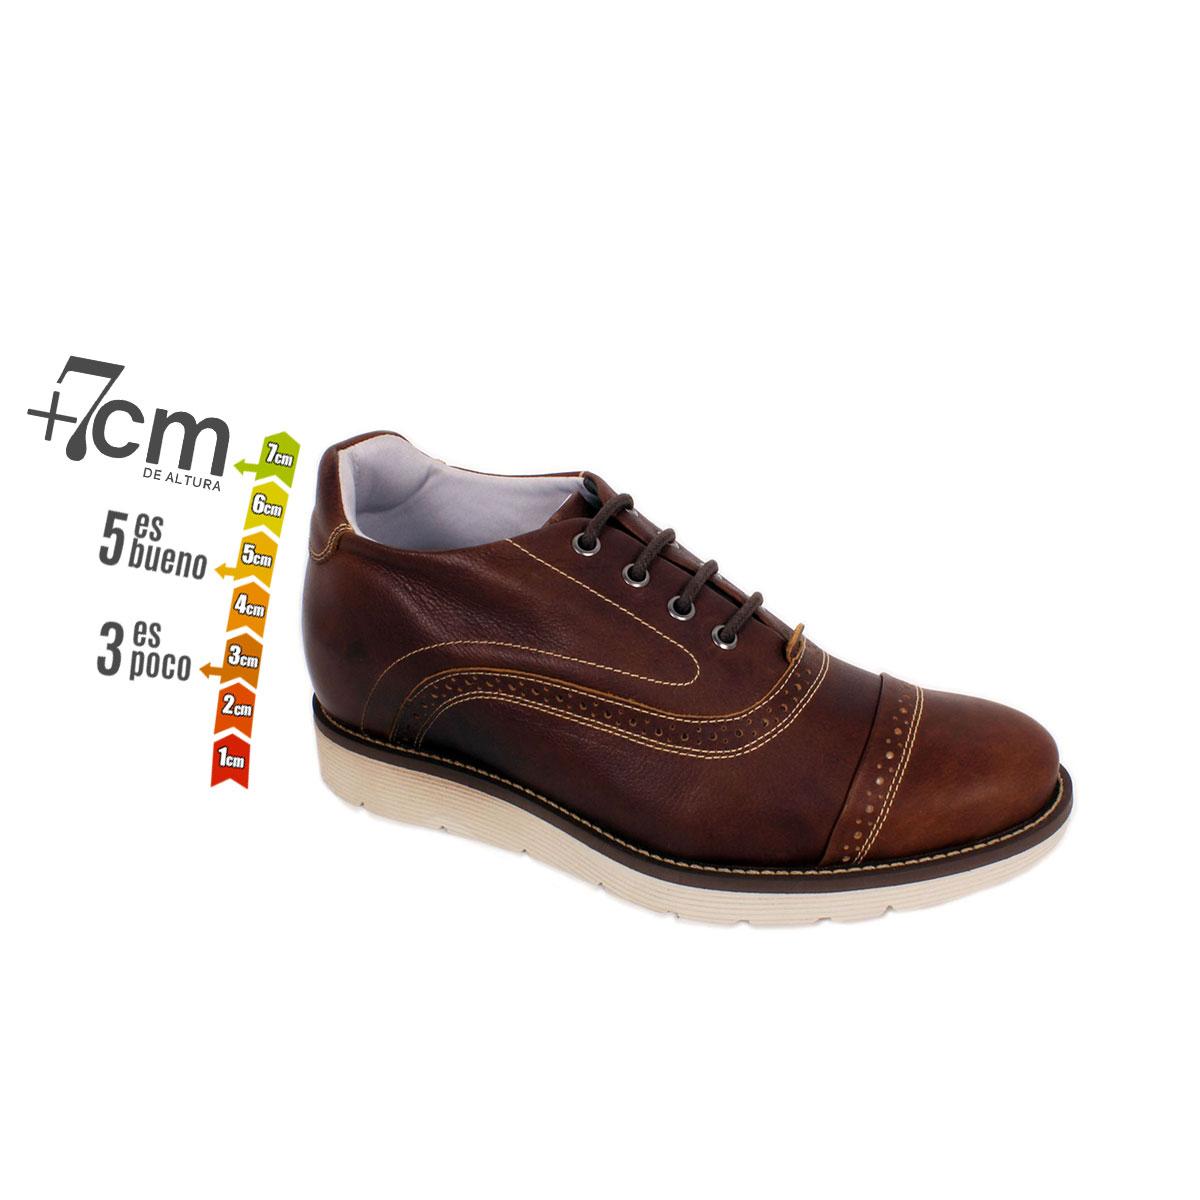 Zapato Casual Casino Café Max Denegri +7cm de Altura_74107